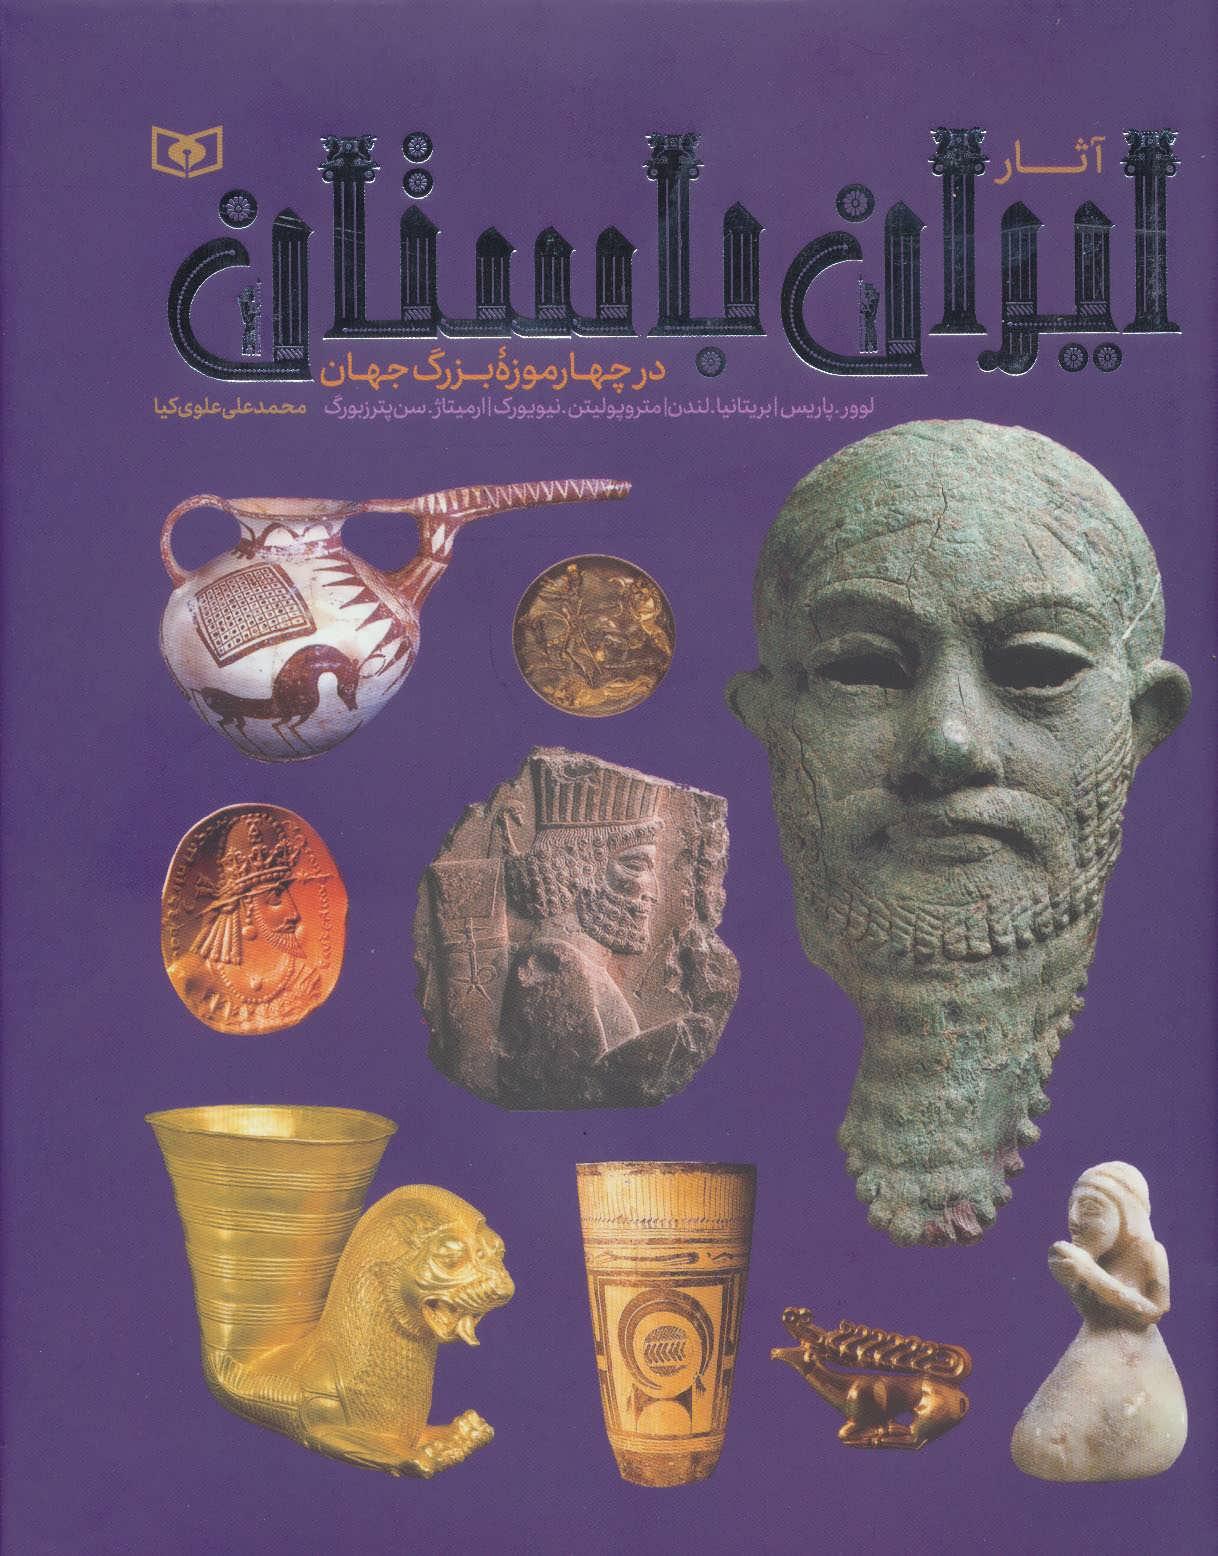 آثار ايران باستان (در چهار موزه بزرگ جهان)،(گلاسه)